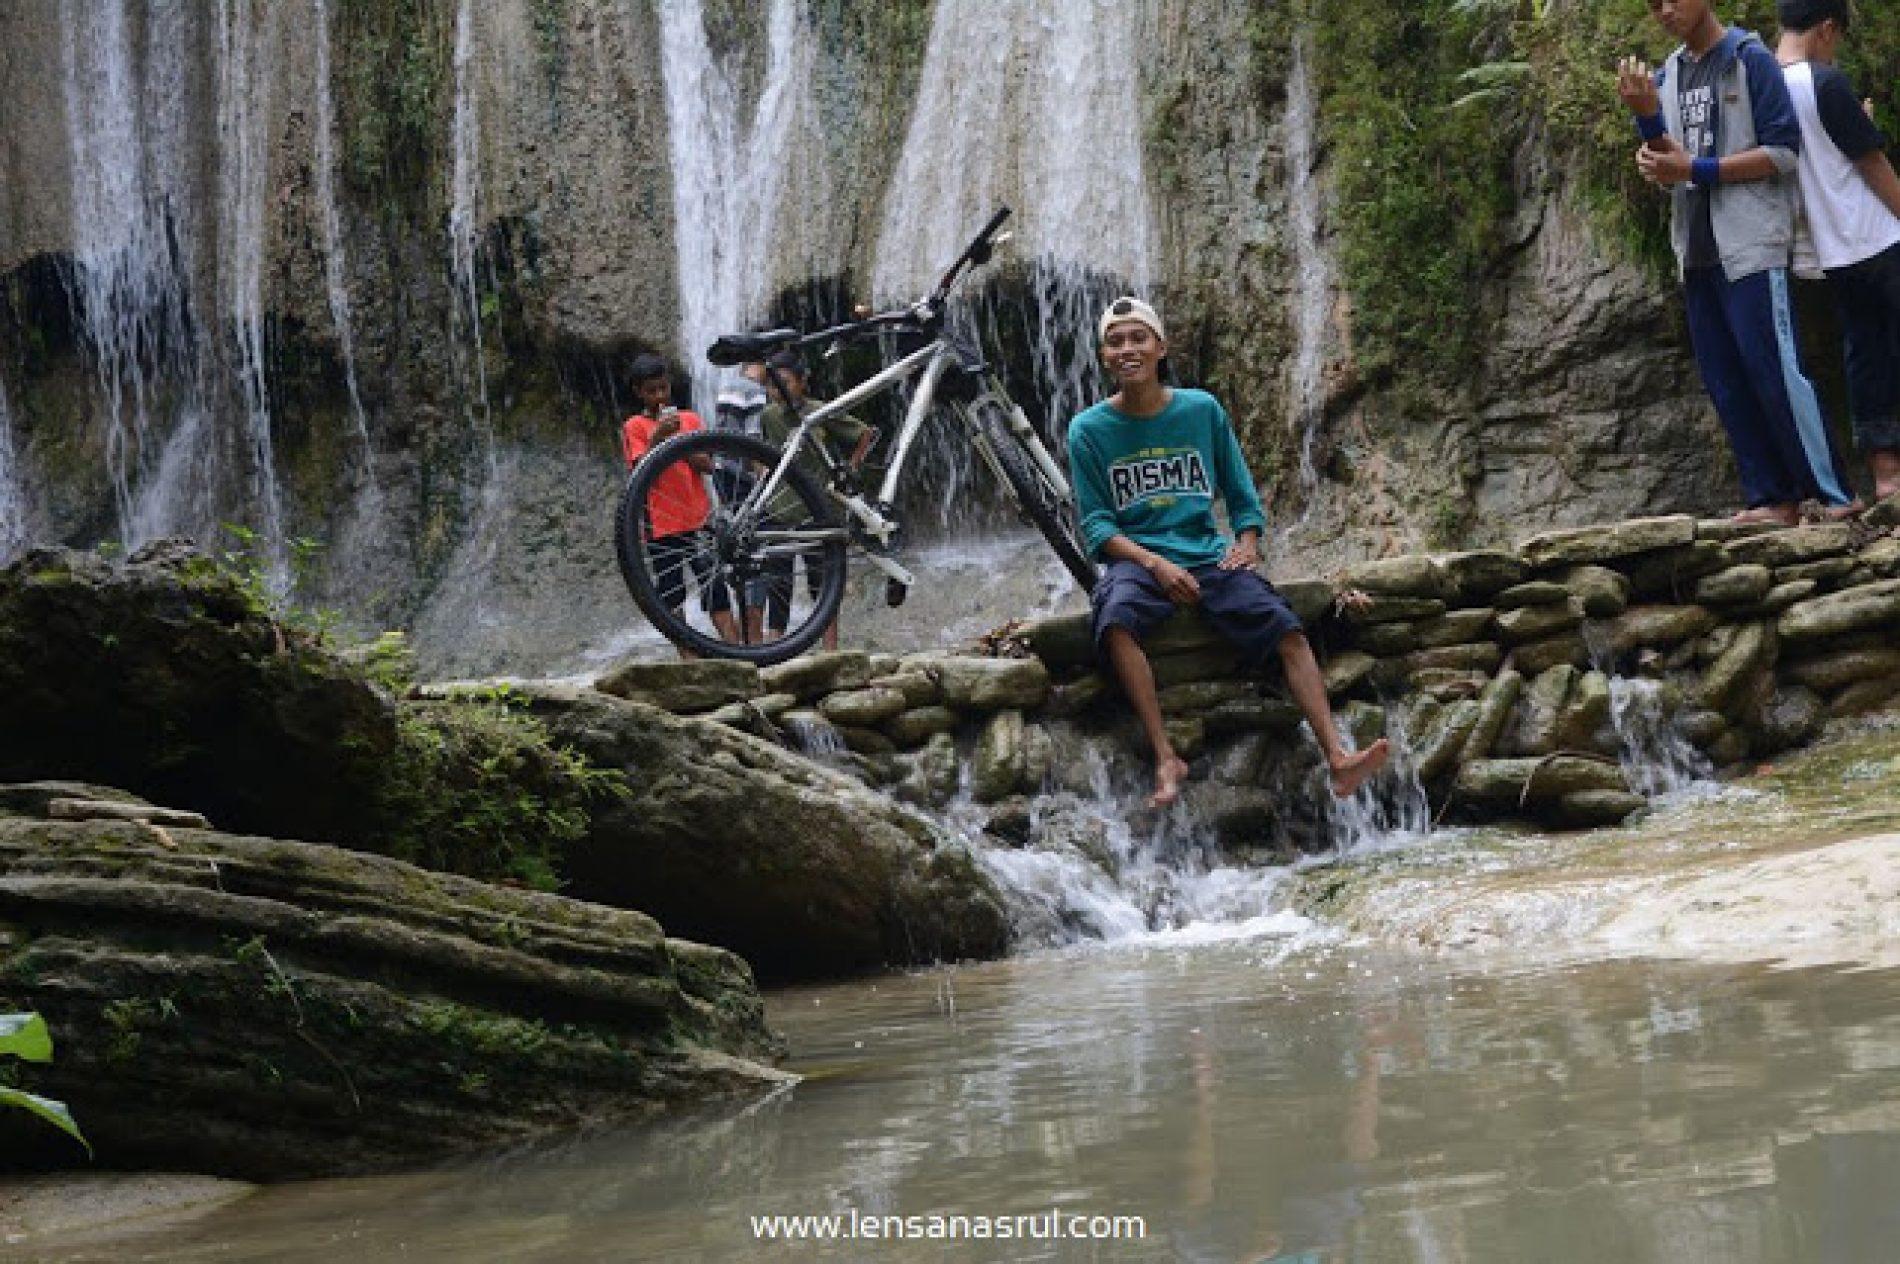 Sensasi Bersepeda ke Air Terjun Jurang Pulosari Lebih Asik